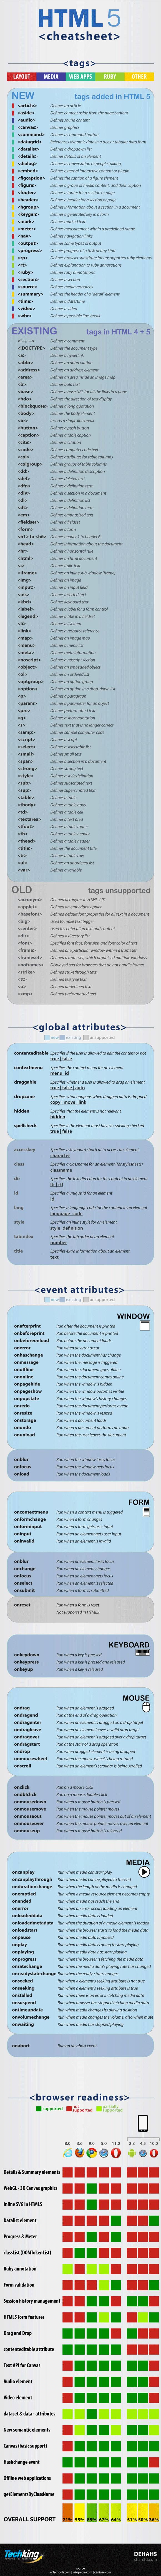 cheatsheet HTML 5